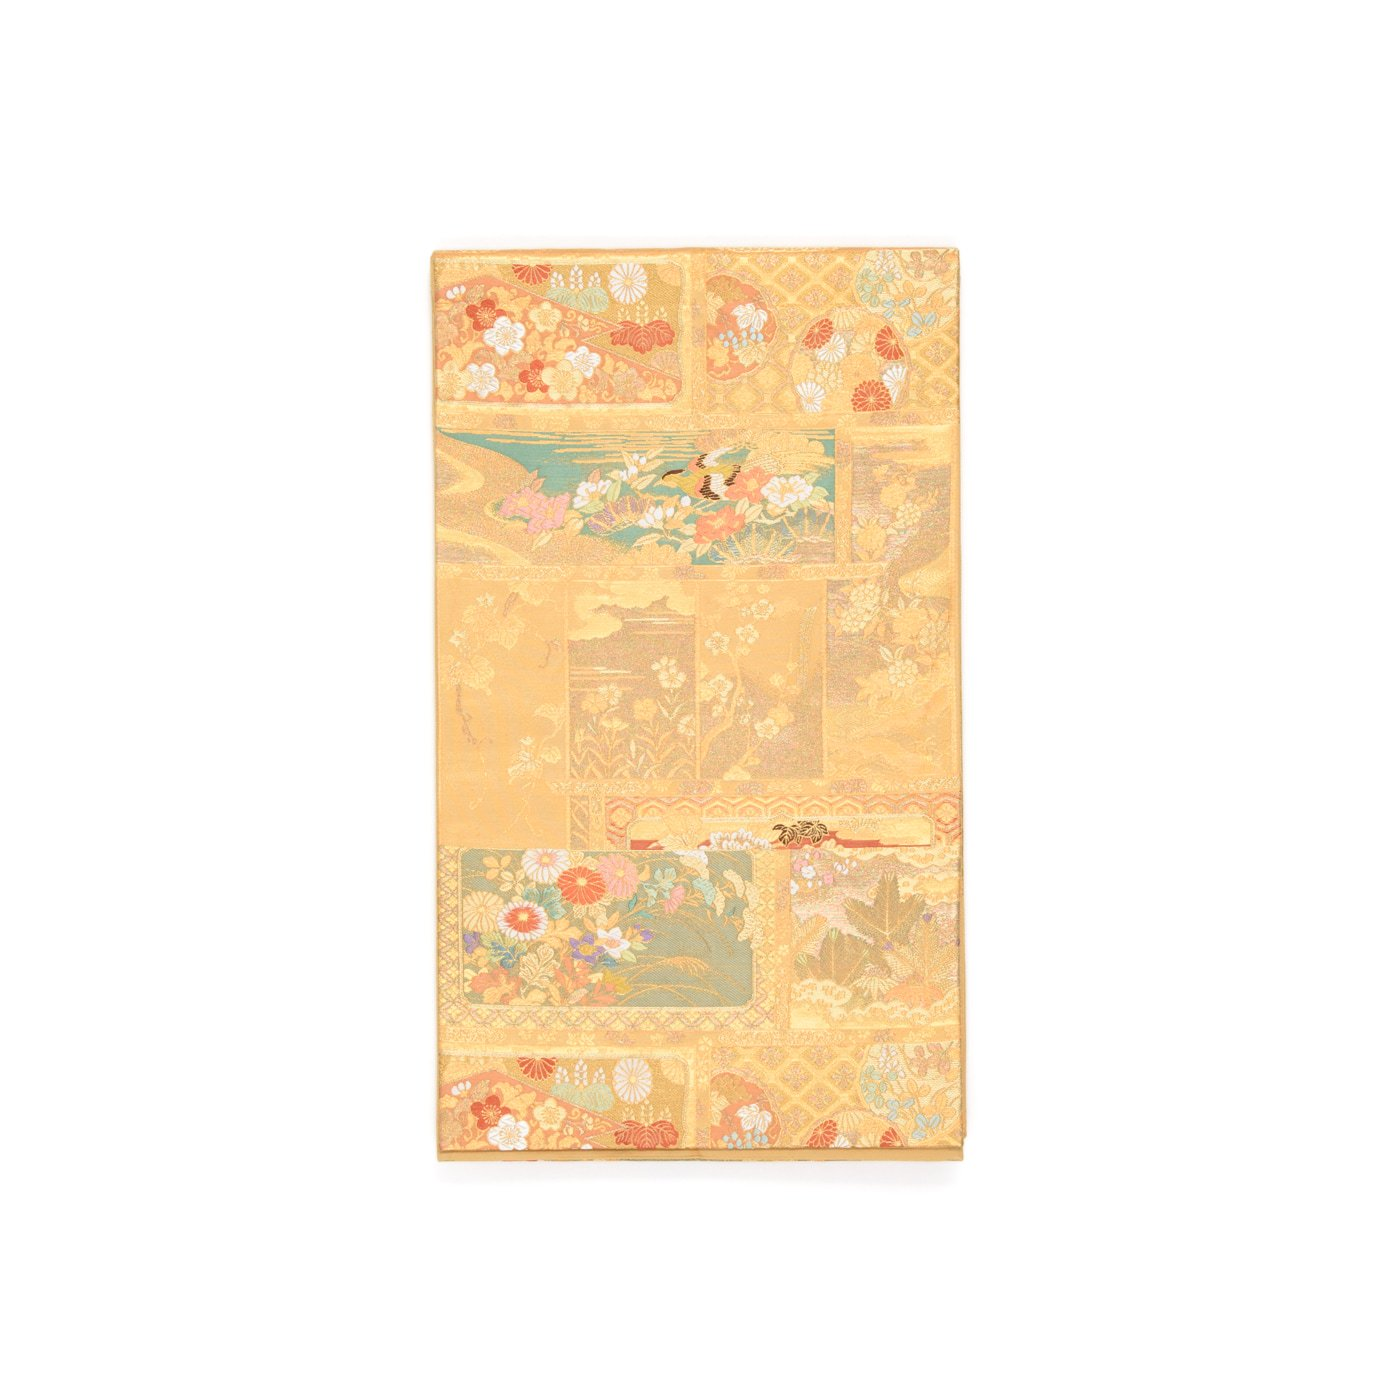 「袋帯●飾棚花文様」の商品画像